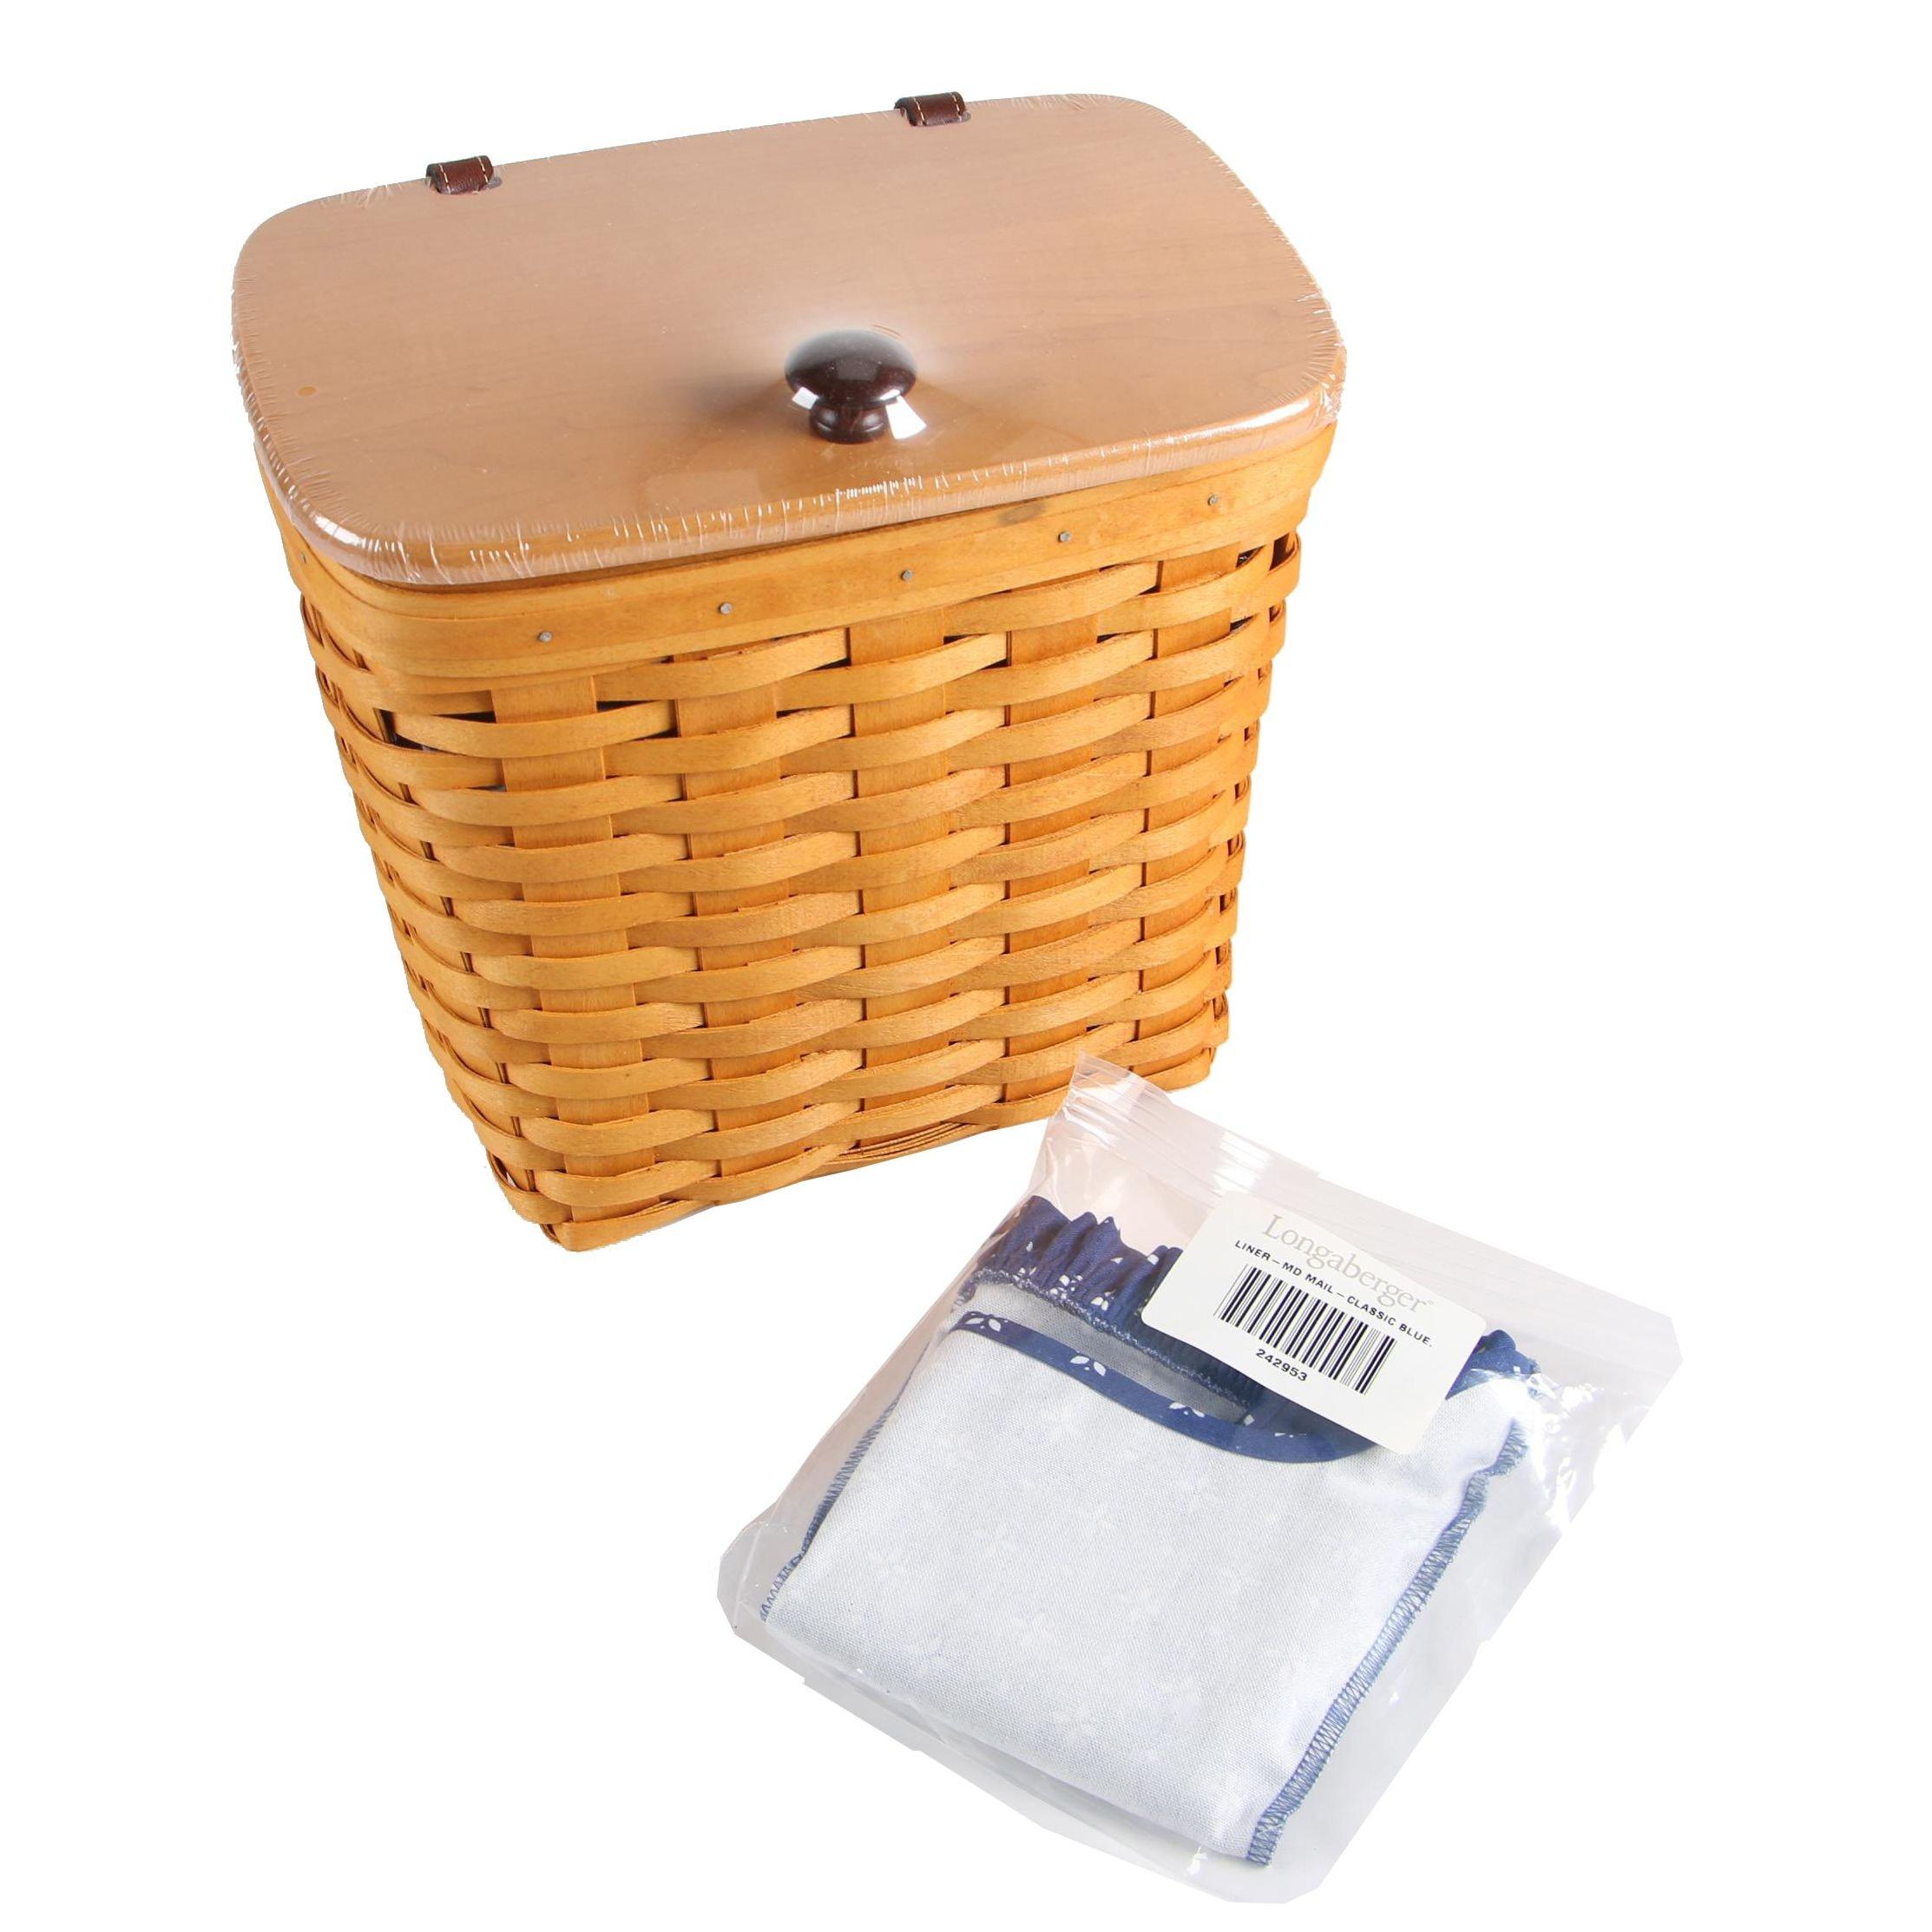 Longaberger Medium Mail Basket